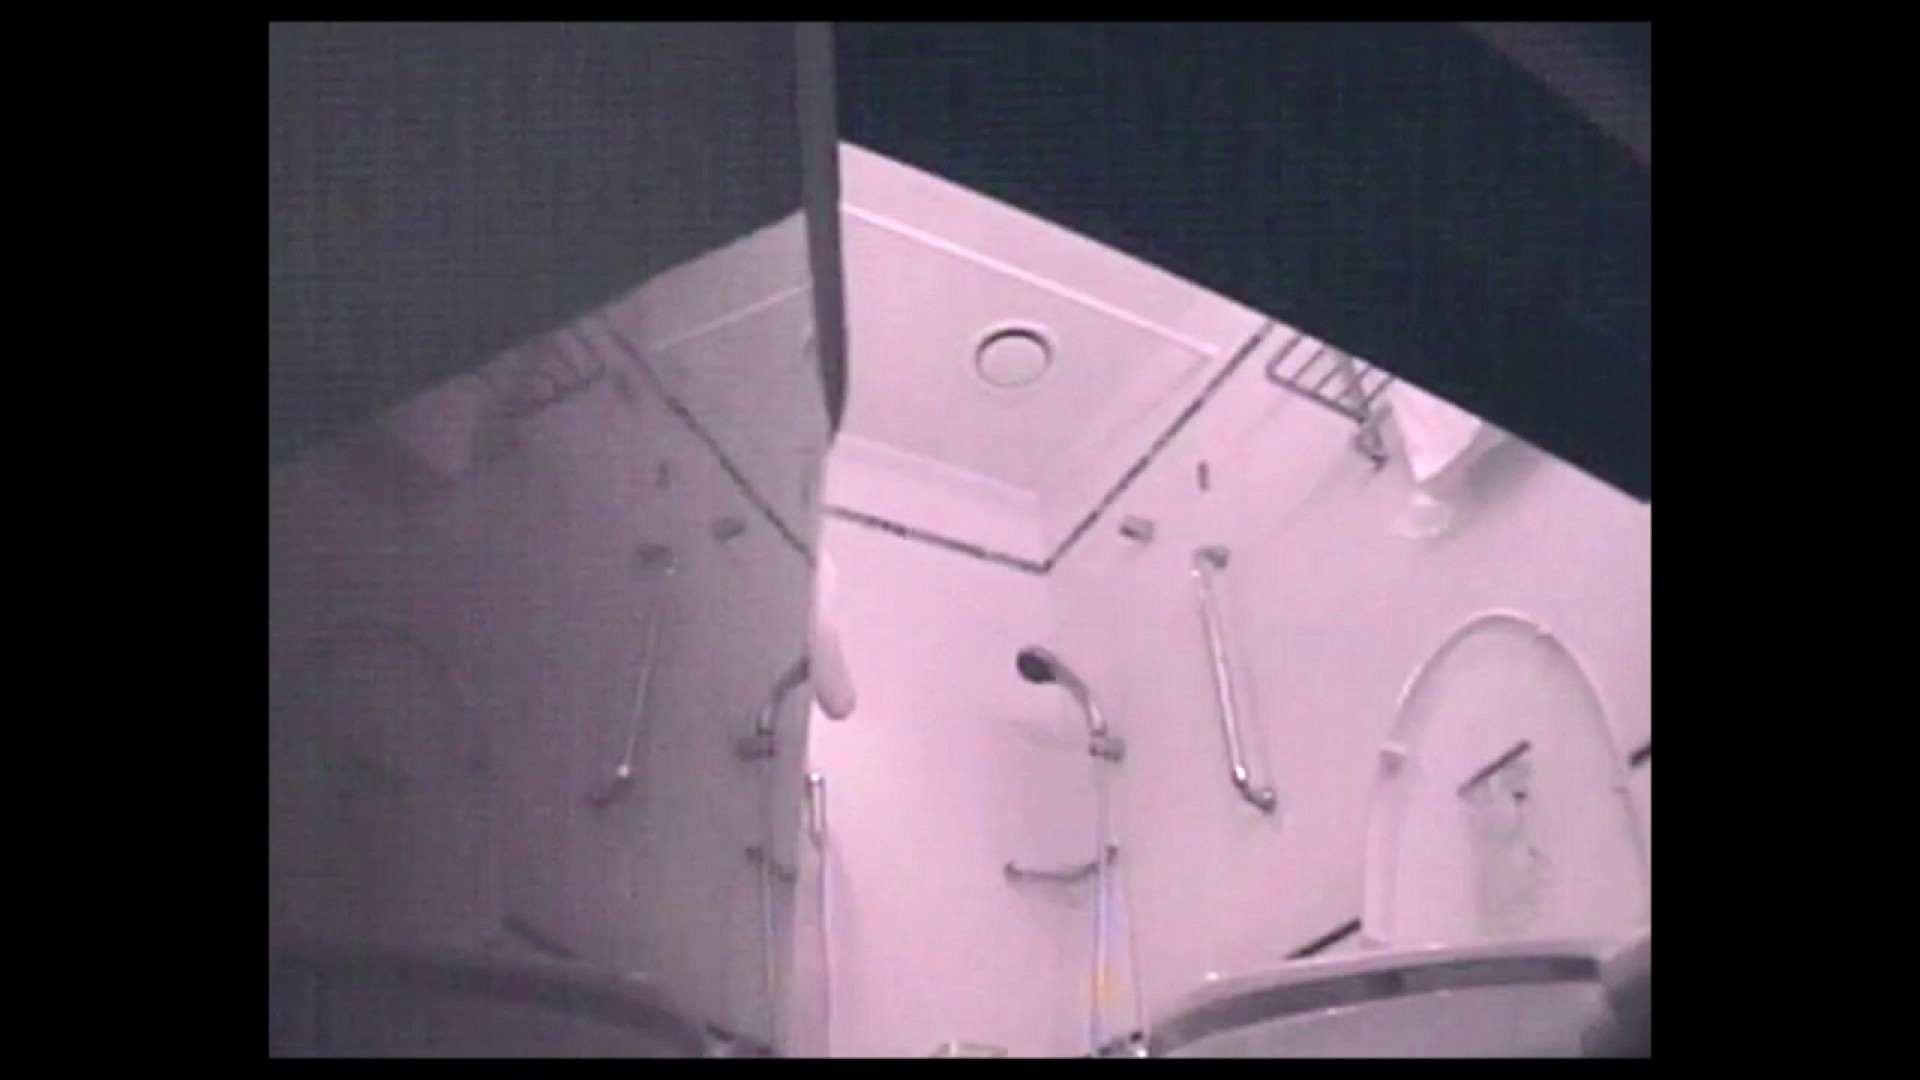 【限定】 闇の花道 Vol.19 影対某芸能関係者 OL女体 | 期間限定  60連発 21